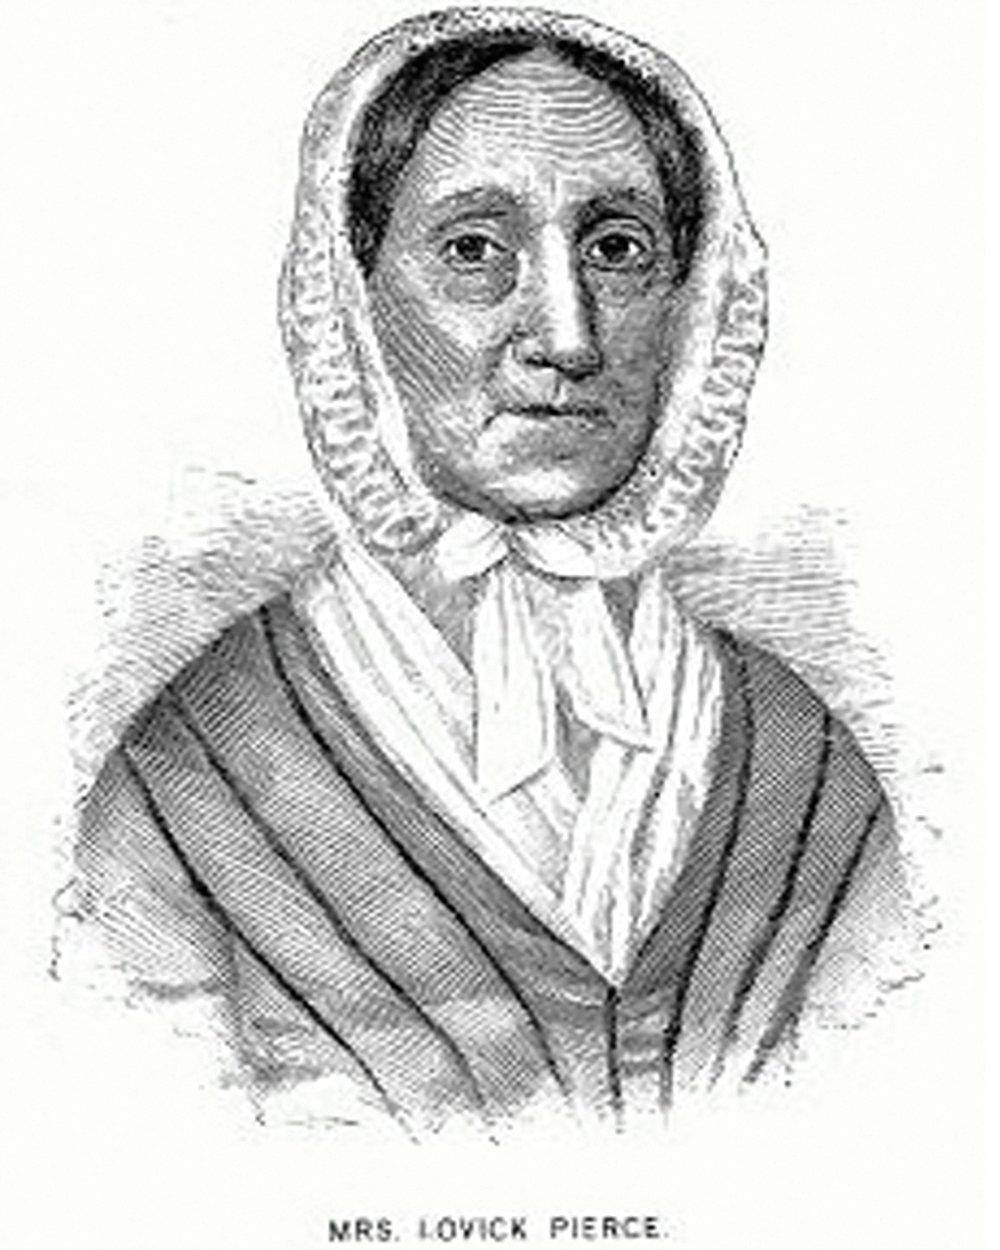 Ann Martin Foster Pierce (1790 - 1850)